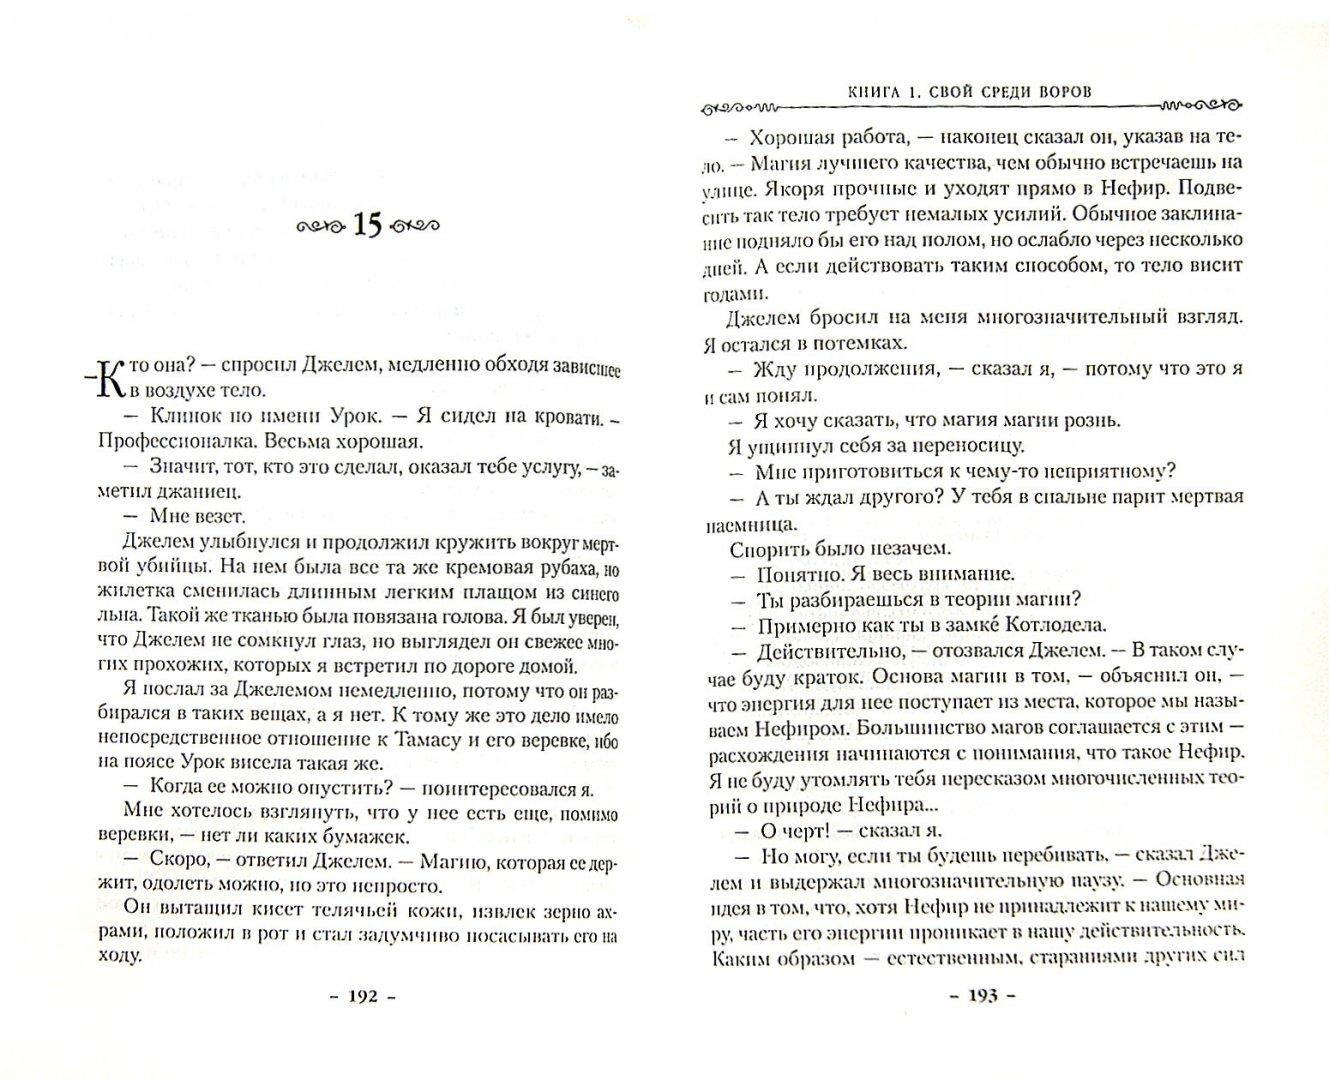 Иллюстрация 1 из 8 для Легенда о круге. Книга 1. Свой среди воров - Дуглас Хьюлик   Лабиринт - книги. Источник: Лабиринт